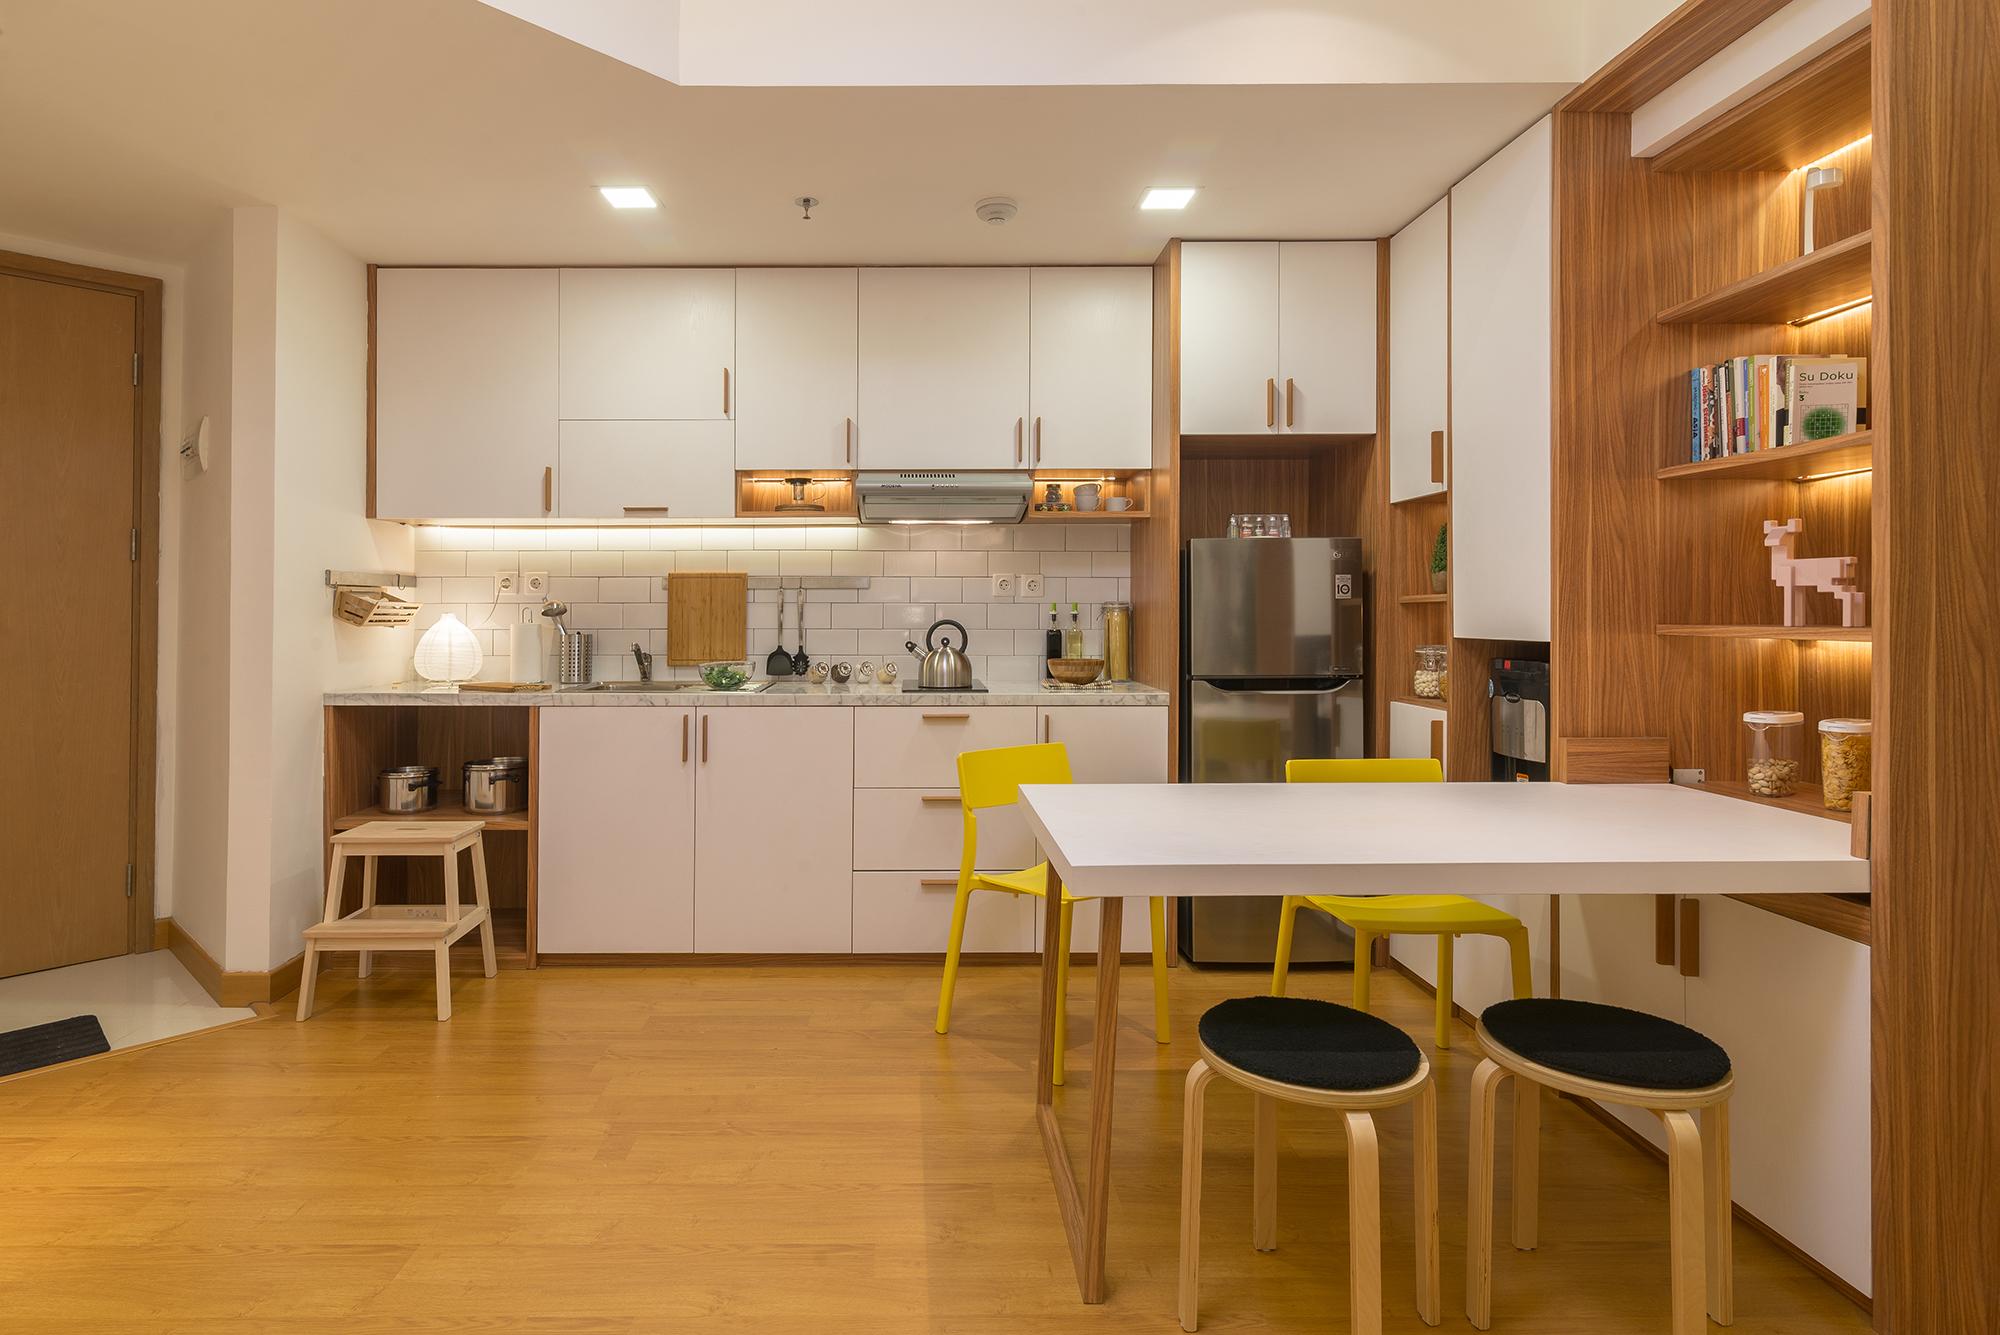 Kitchen design in Apartment